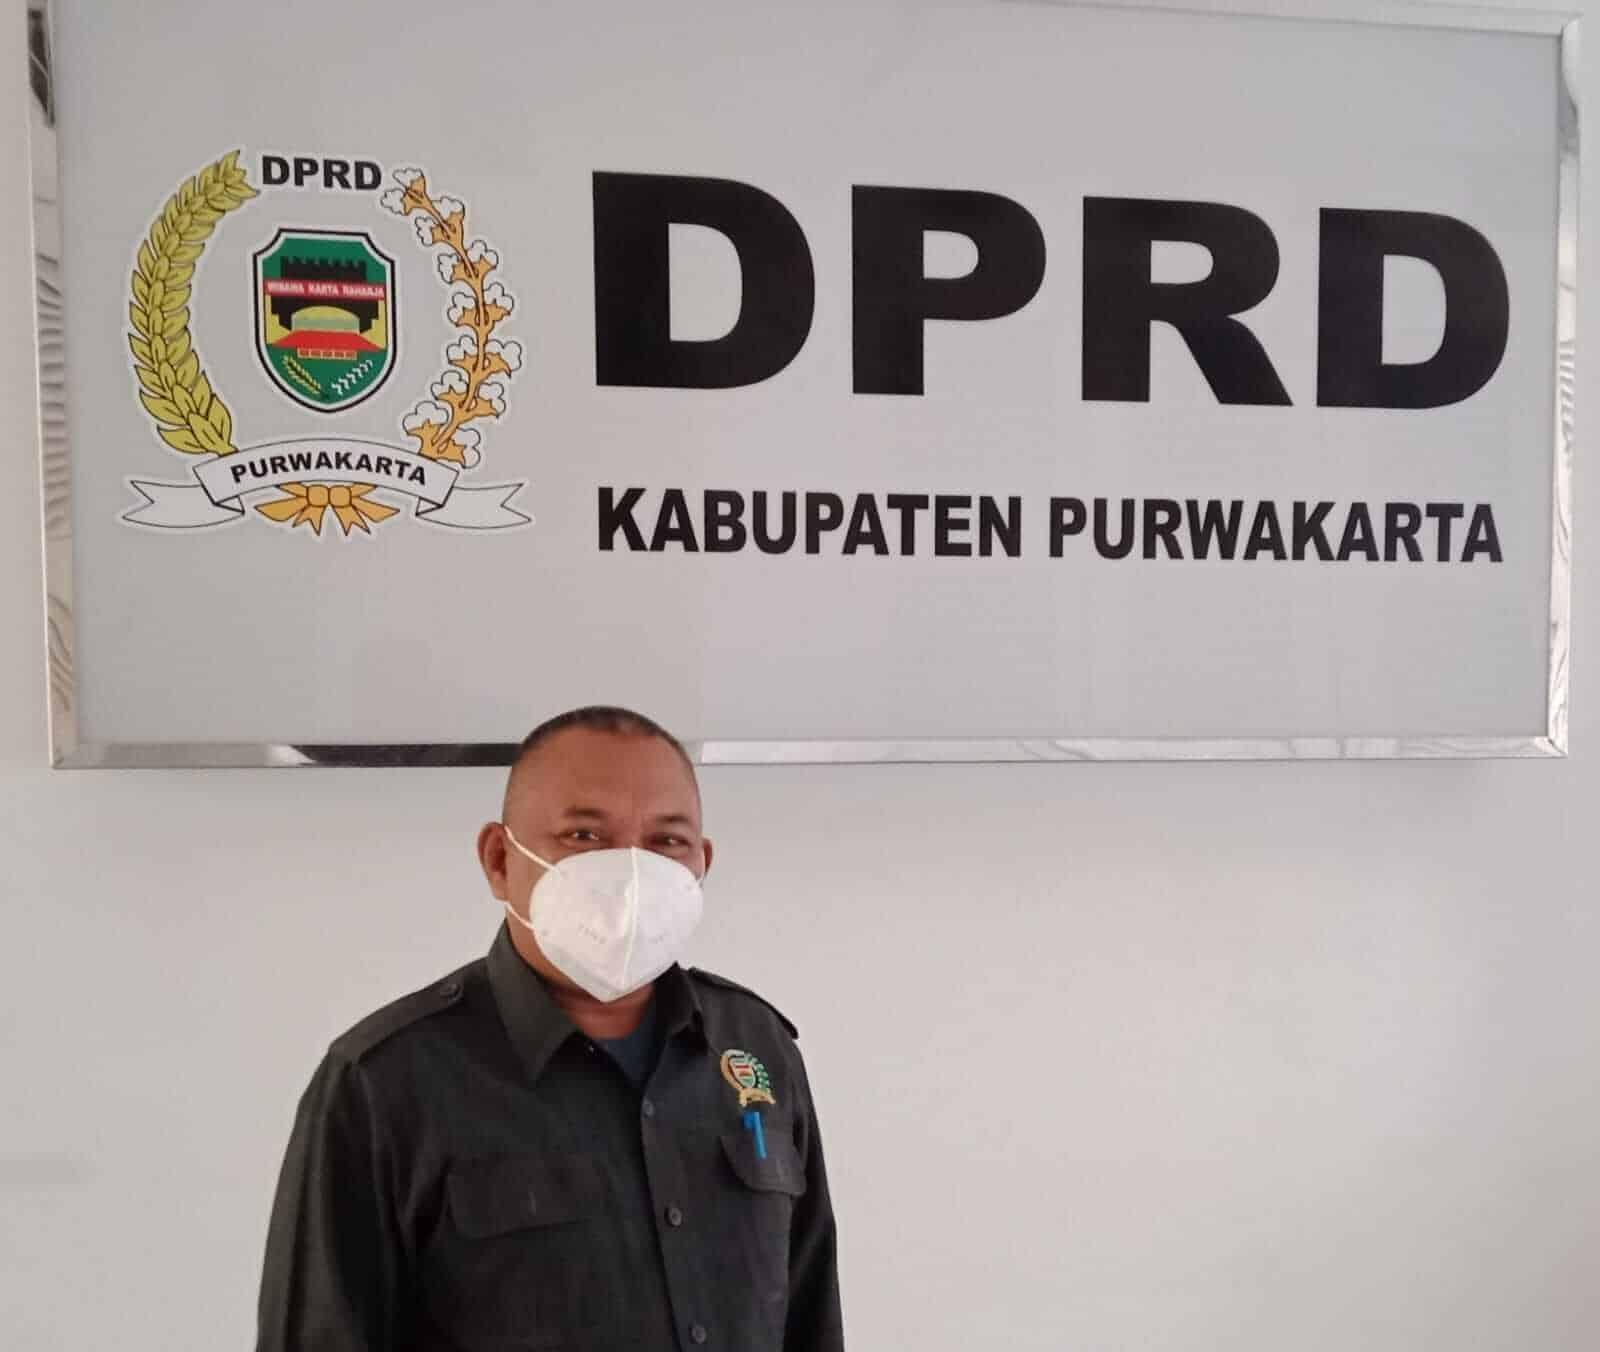 Sepakat, Aliansi Kiansantang akan Diterima Audiensi Oleh Pimpinan DPRD Purwakarta 1 Oktober